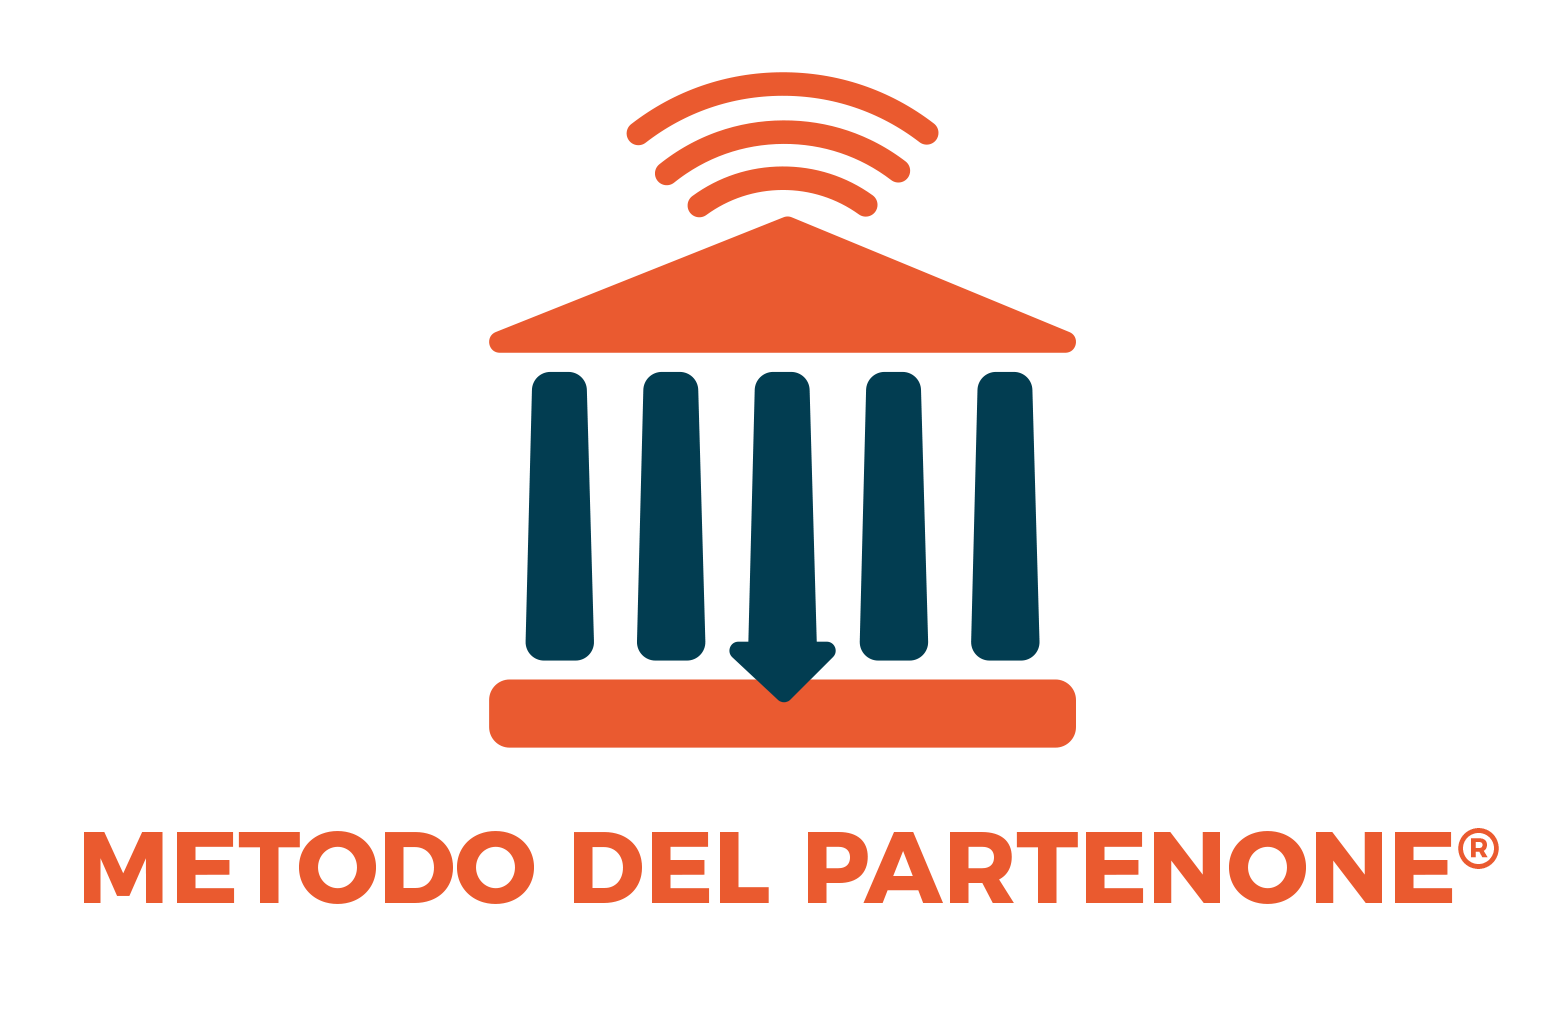 Chiara Alzati - Public Speaking - Metodo del Partenone